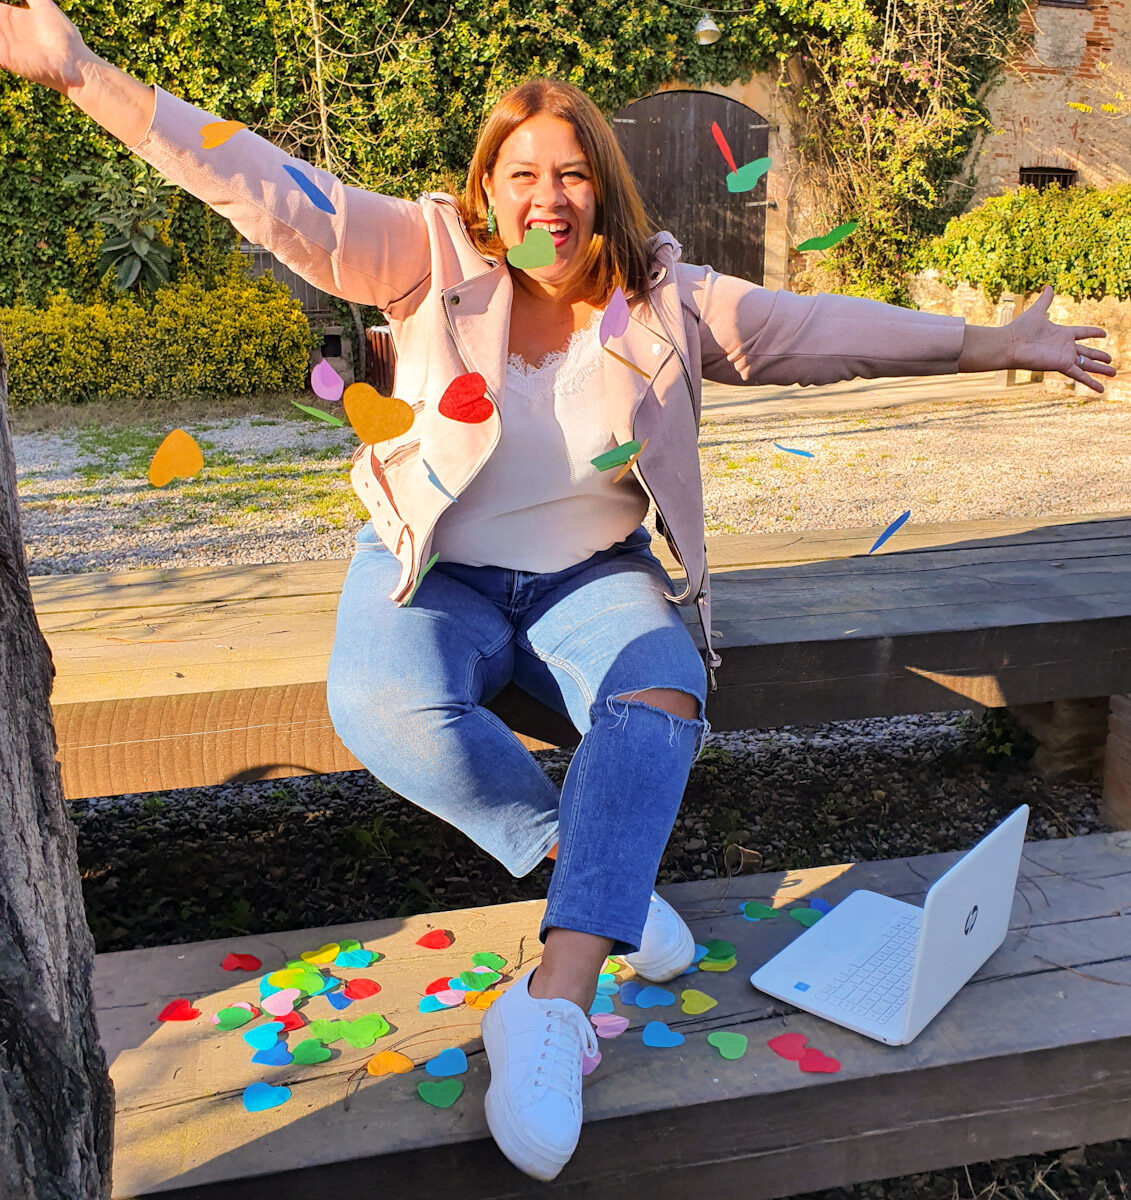 Elisabet Quesada tirando confeti, con un portatil en los pies